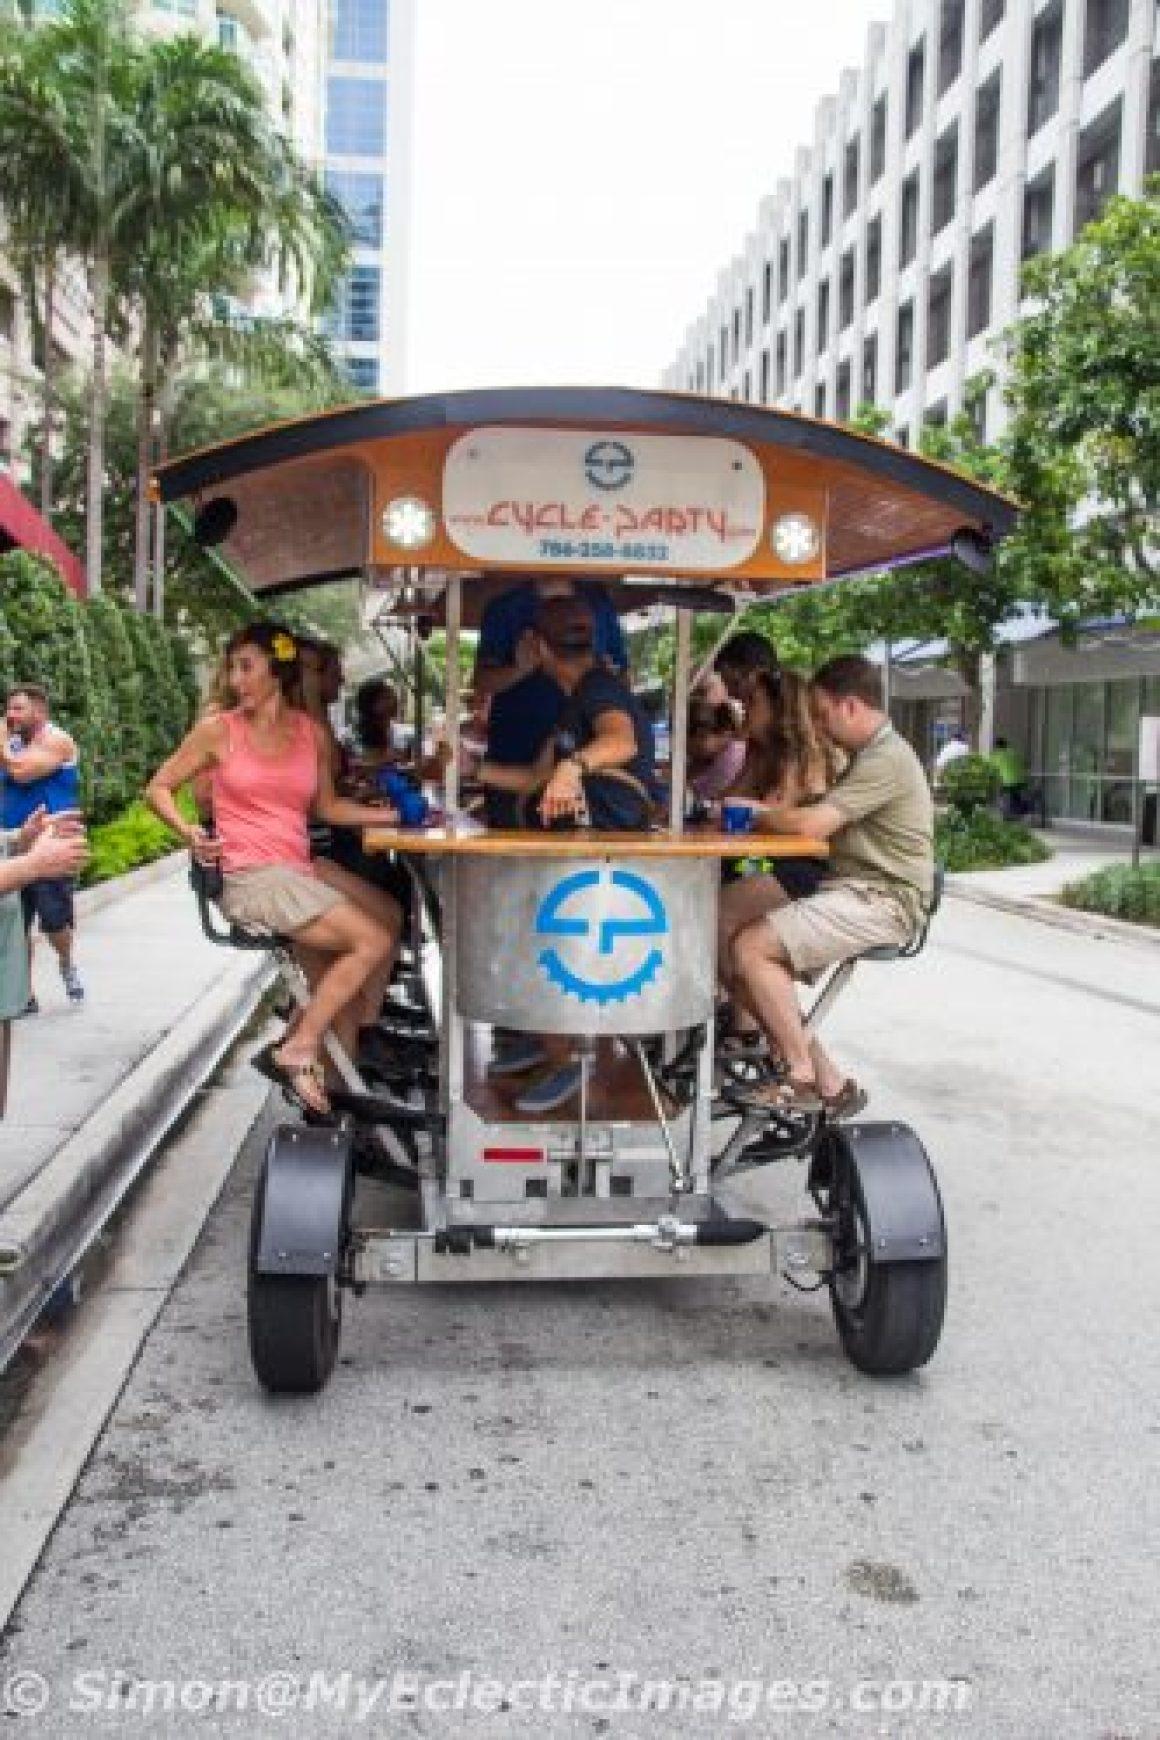 Cruising Along on the Quadracycle